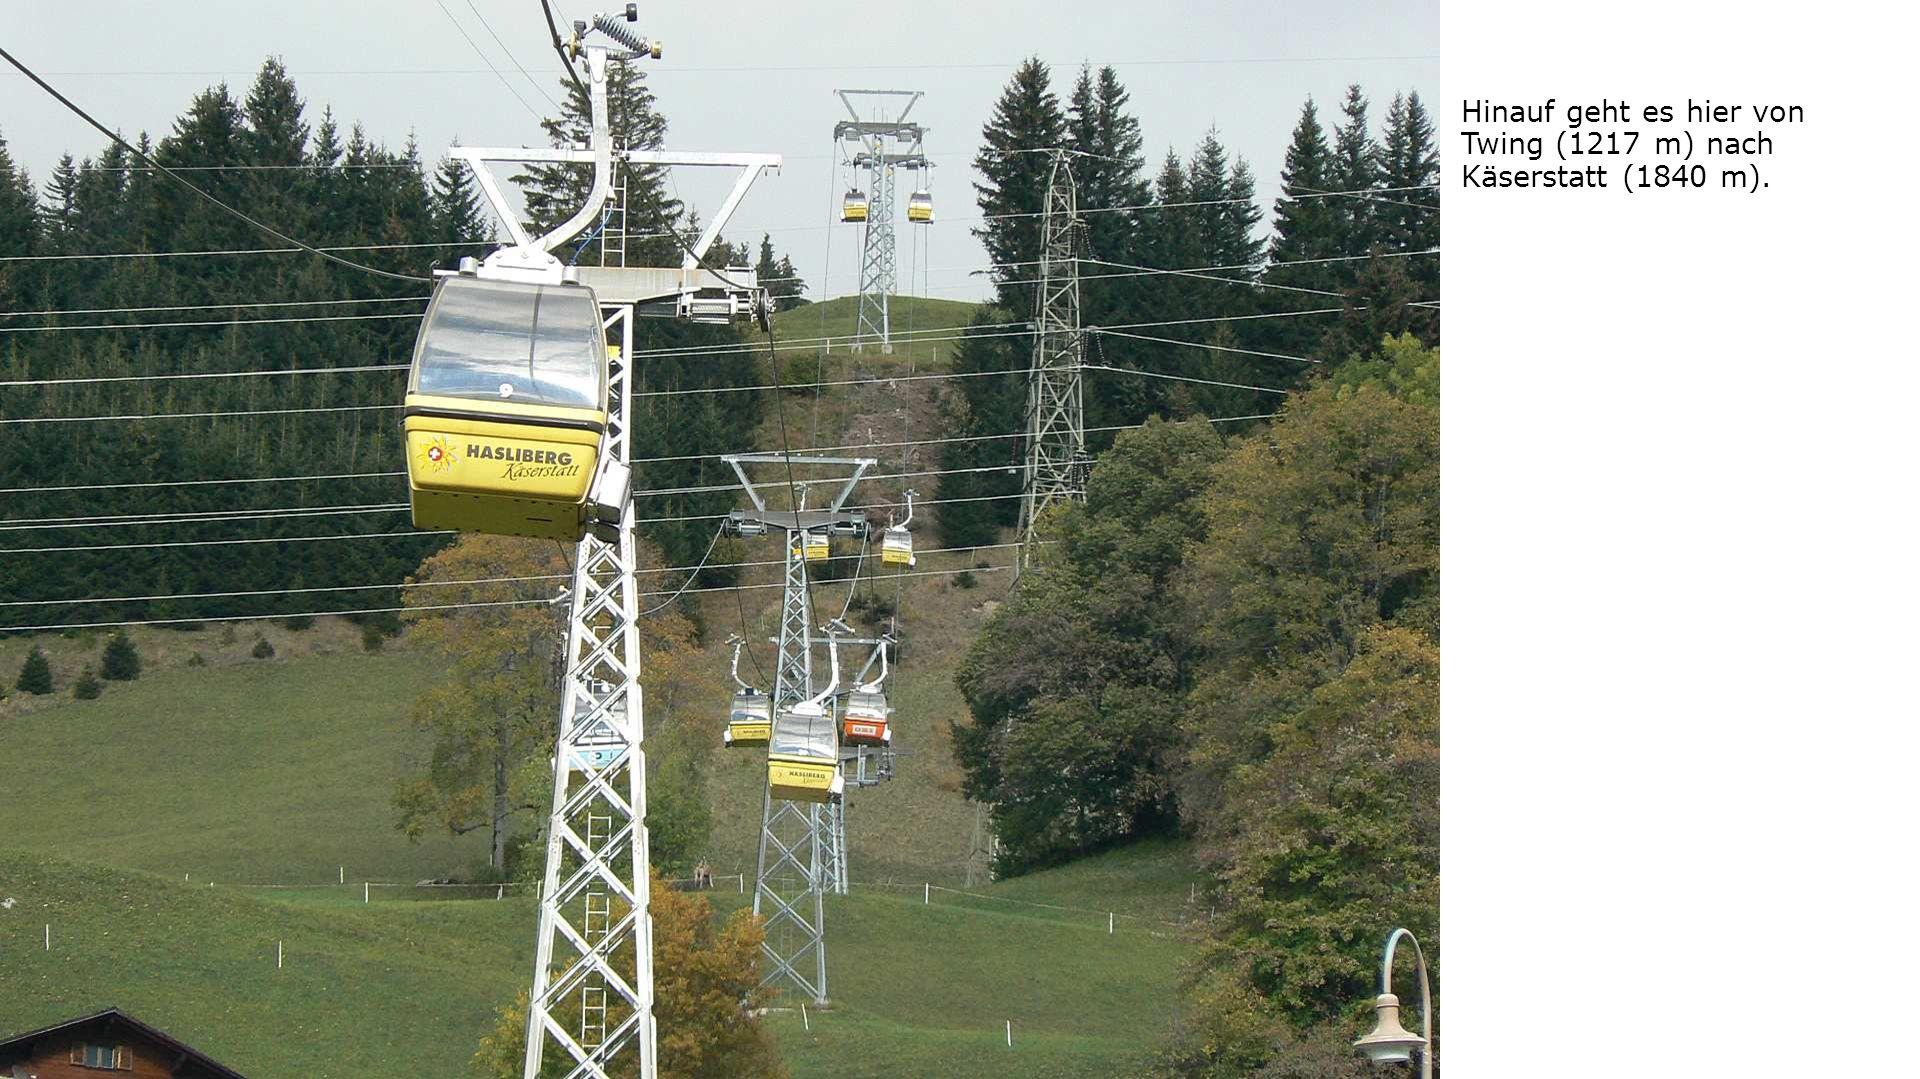 Hinauf geht es hier von Twing (1217 m) nach Käserstatt (1840 m).